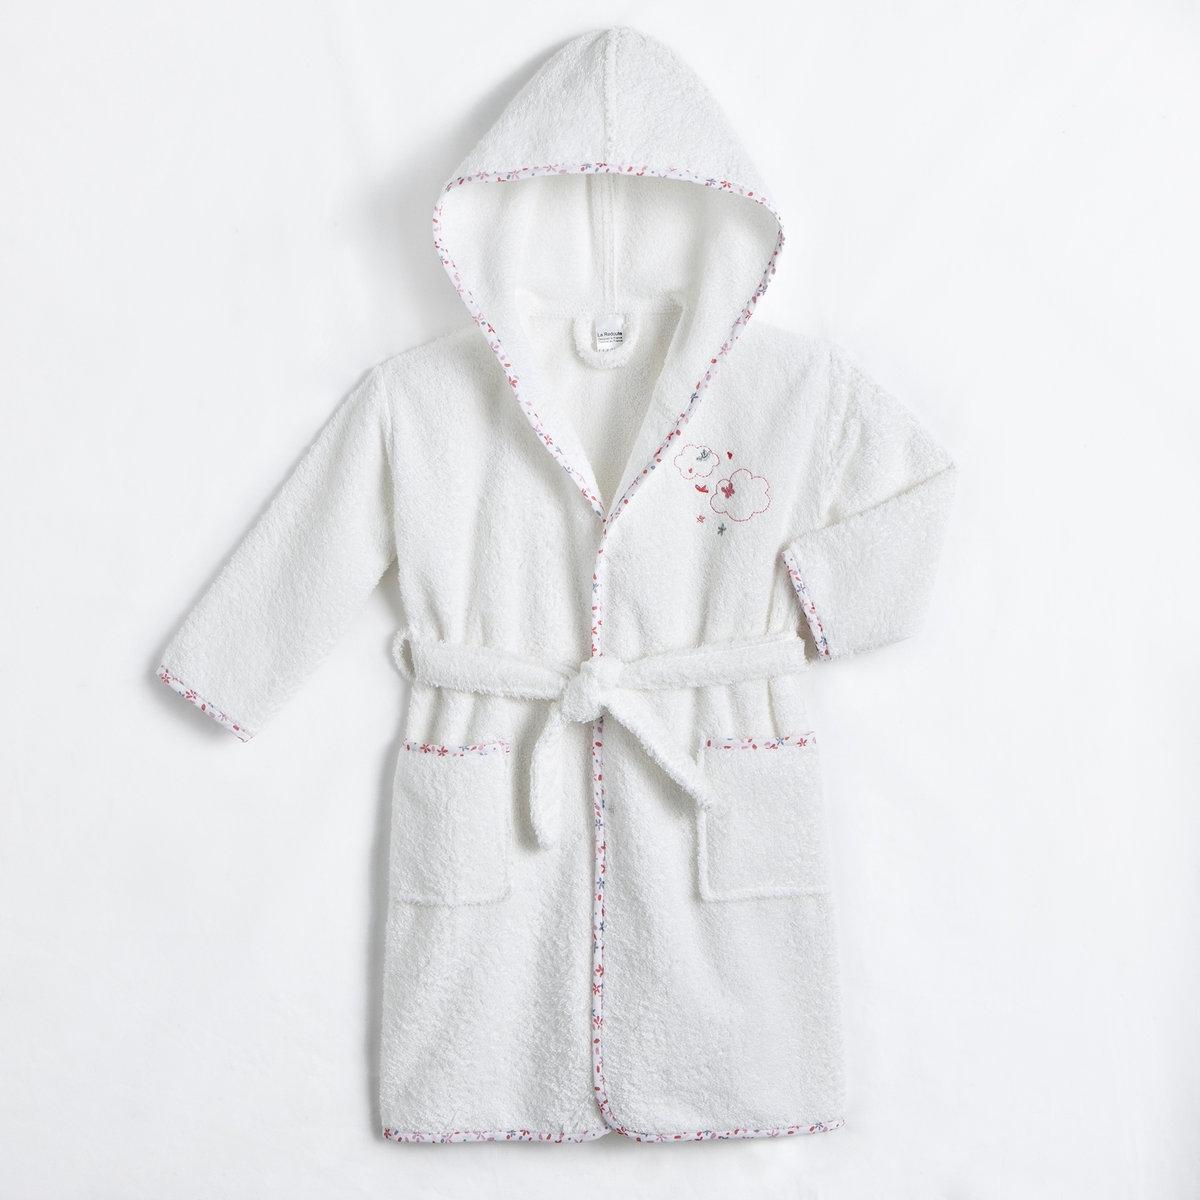 Халат детский с капюшоном, 400 г/м?Характеристики детского халата с капюшоном:- Махровая ткань: 90% хлопка, 10% полиэстера (400 г/м?).- Рукава реглан, 2 накладных кармана, пояс со шлевками.- Вышивка на груди.- Стирка при 40°.<br><br>Цвет: белый<br>Размер: 8 / 10 лет  (126 см/138см)